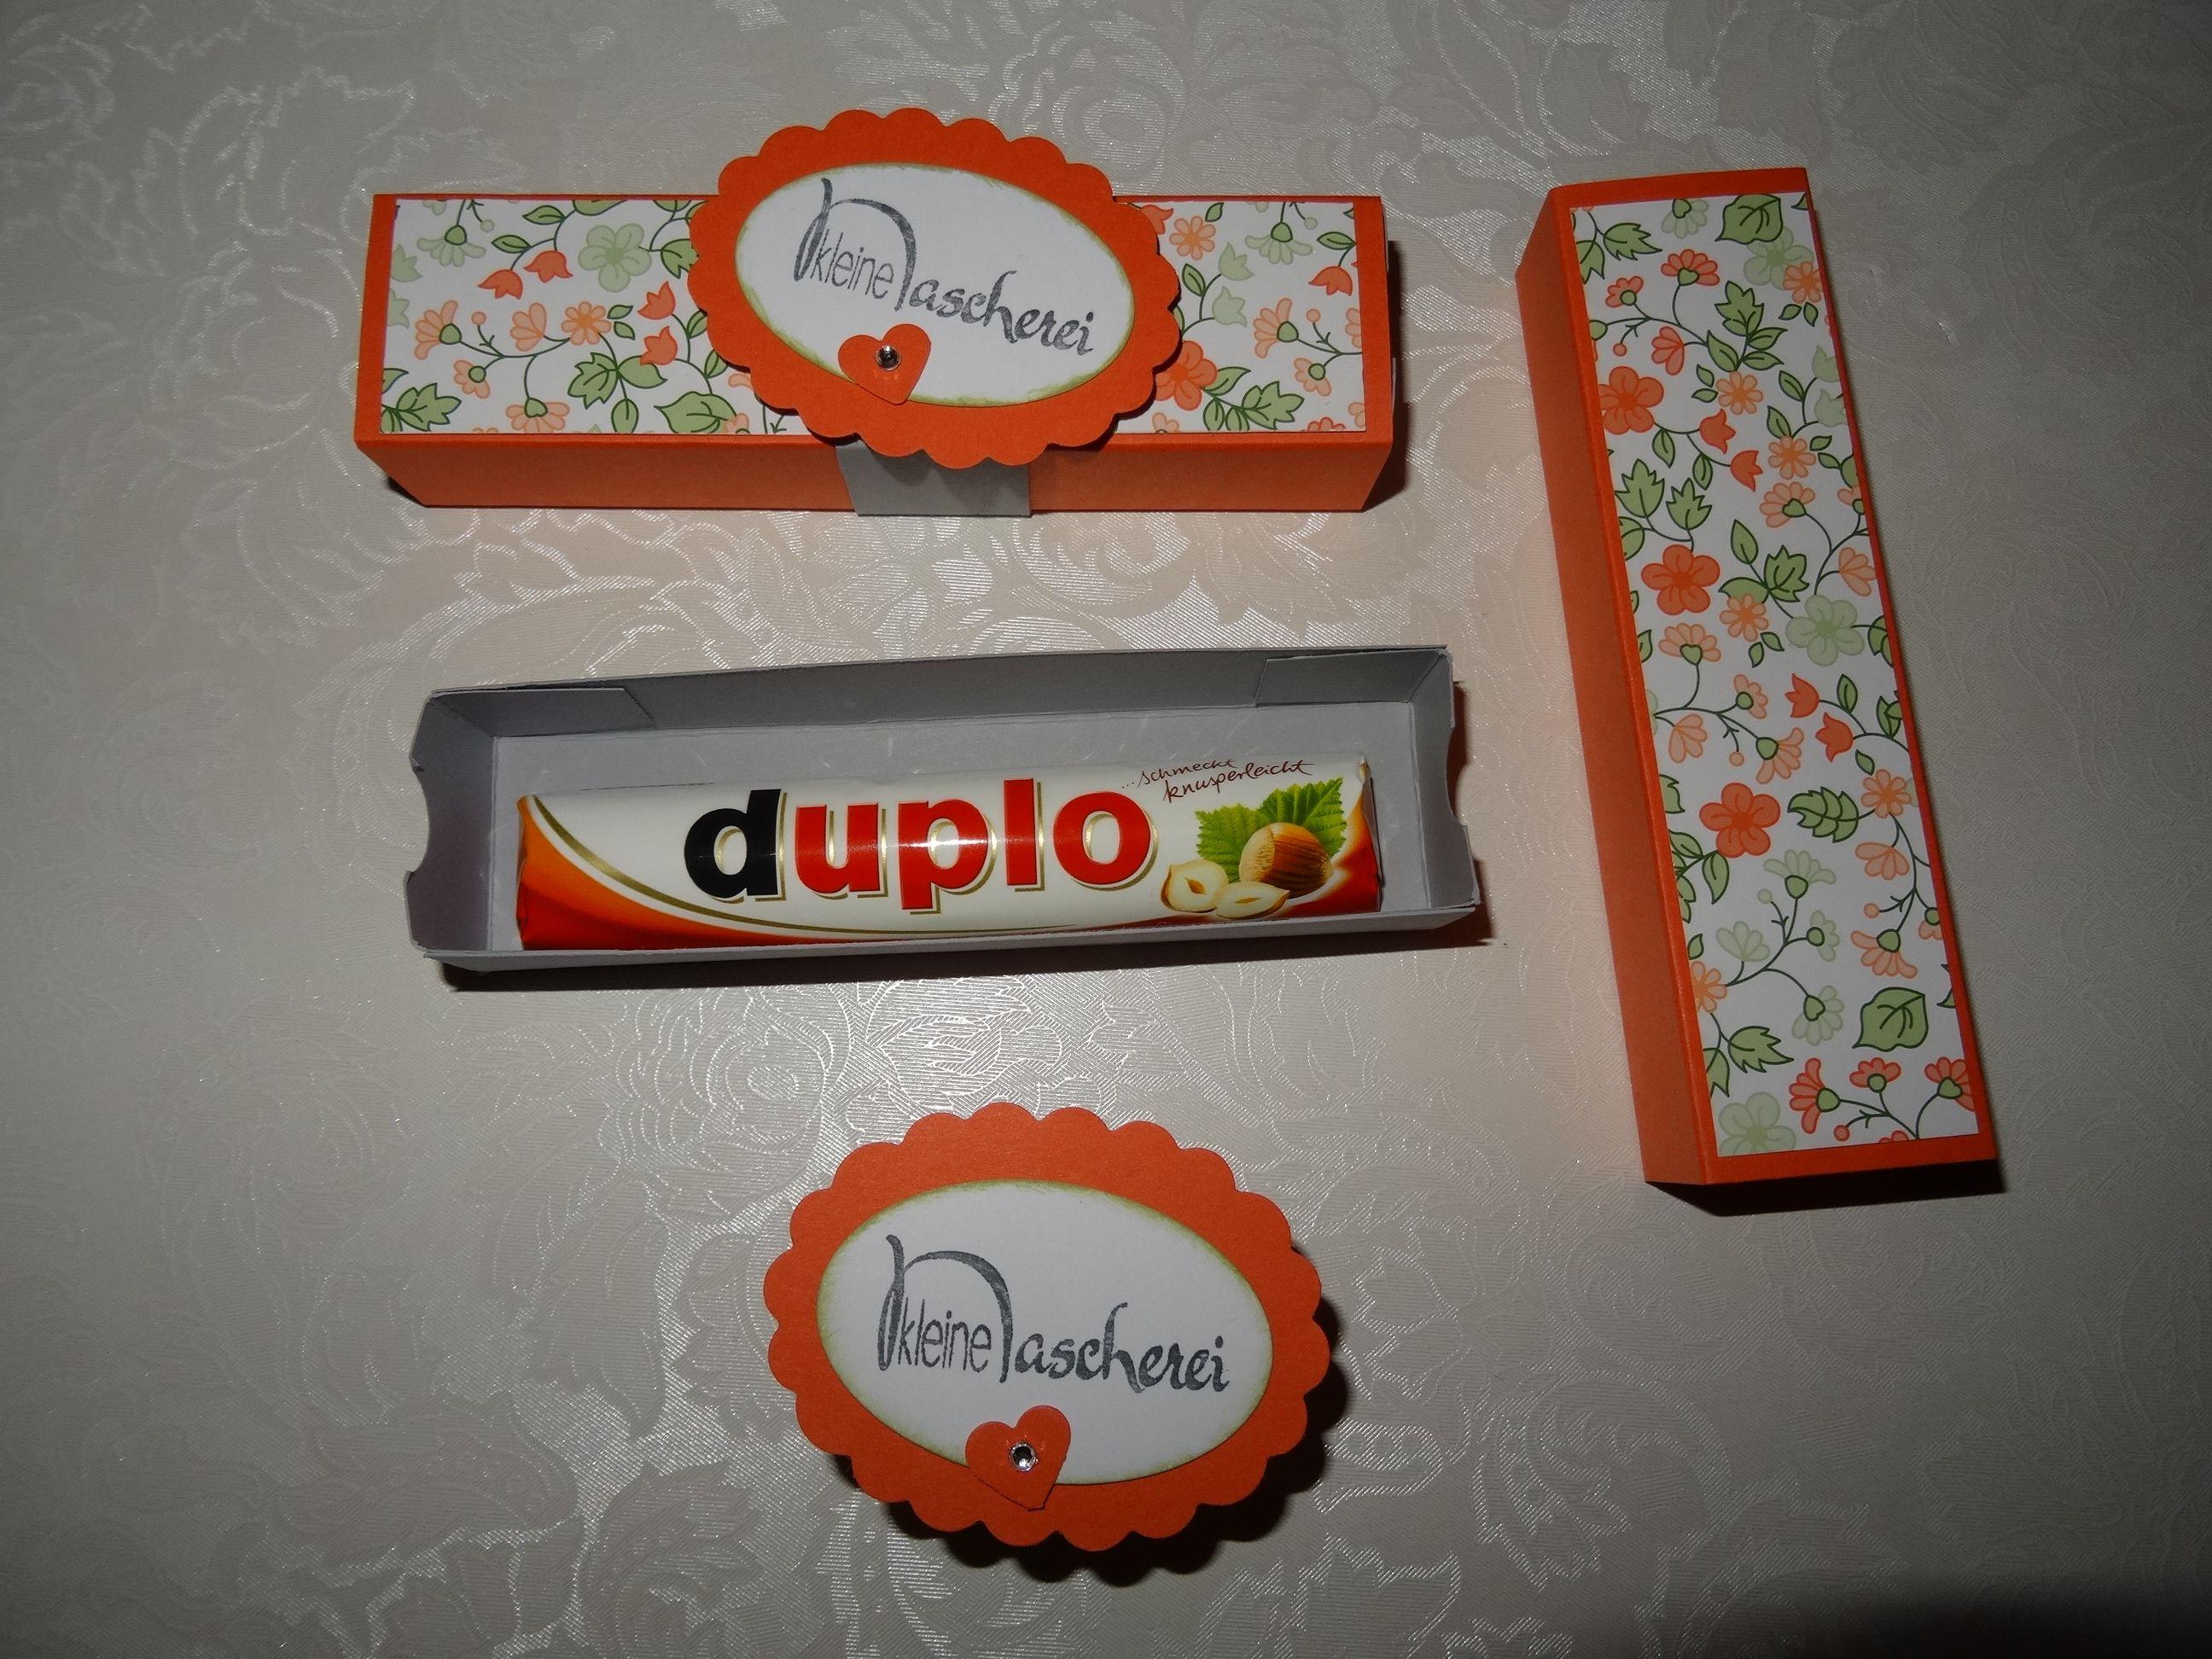 Geschenk Geburtstag Stampin up Mitbringsel Duplo Verpackung Box Schiebebox Flüsterweiß Calypso Designpapier Gala-Soiree   Schiefergrau Nascherei Süße Kleinigkeit